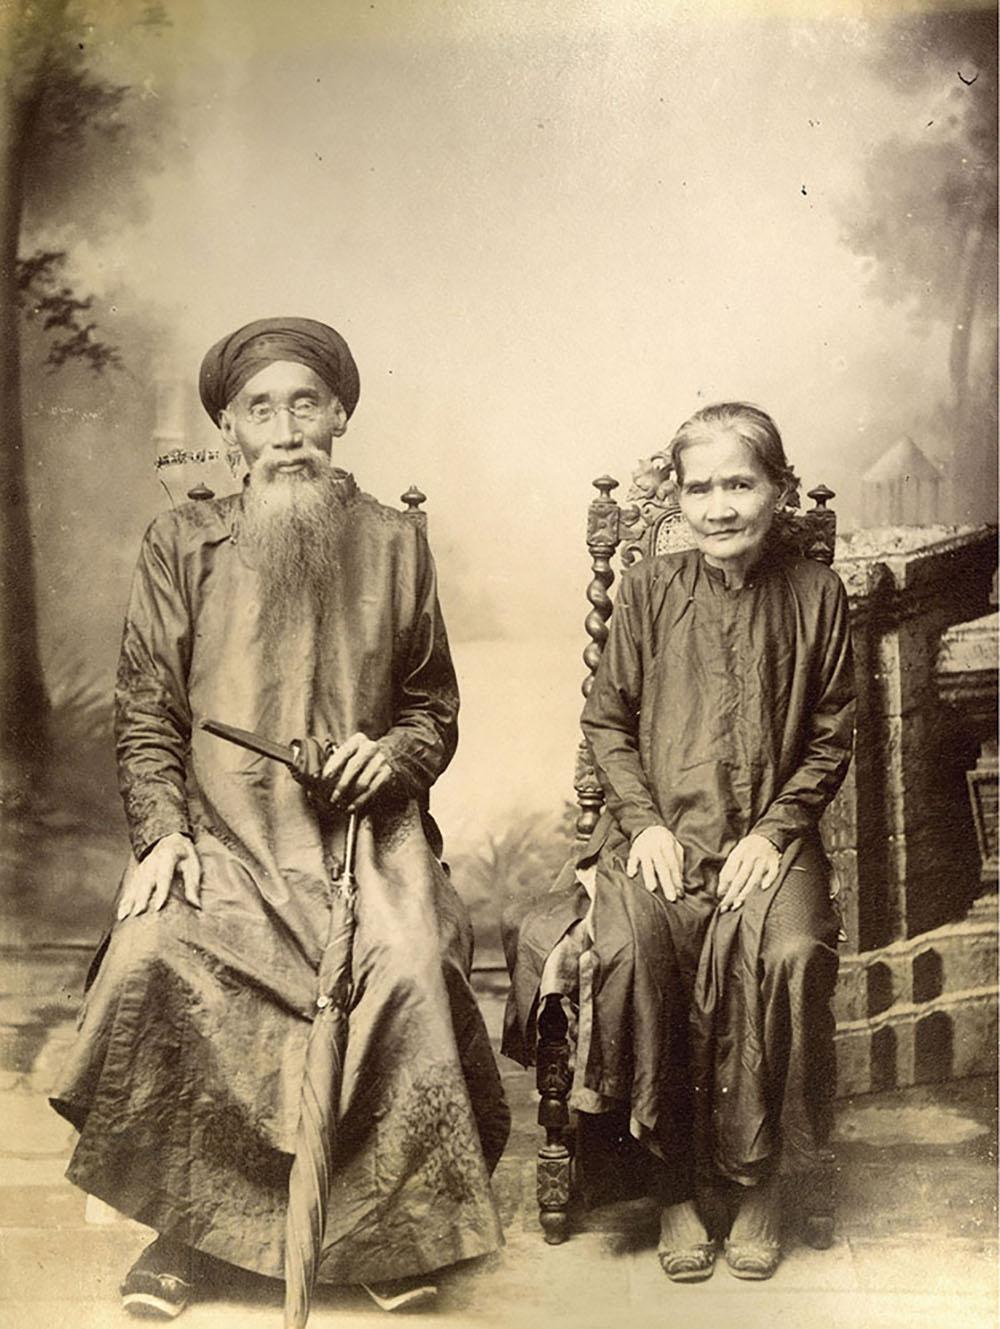 Cặp vợ chồng già được nhiếp ảnh gia Aurélien Pestel chụp vào khoảng năm 1890.